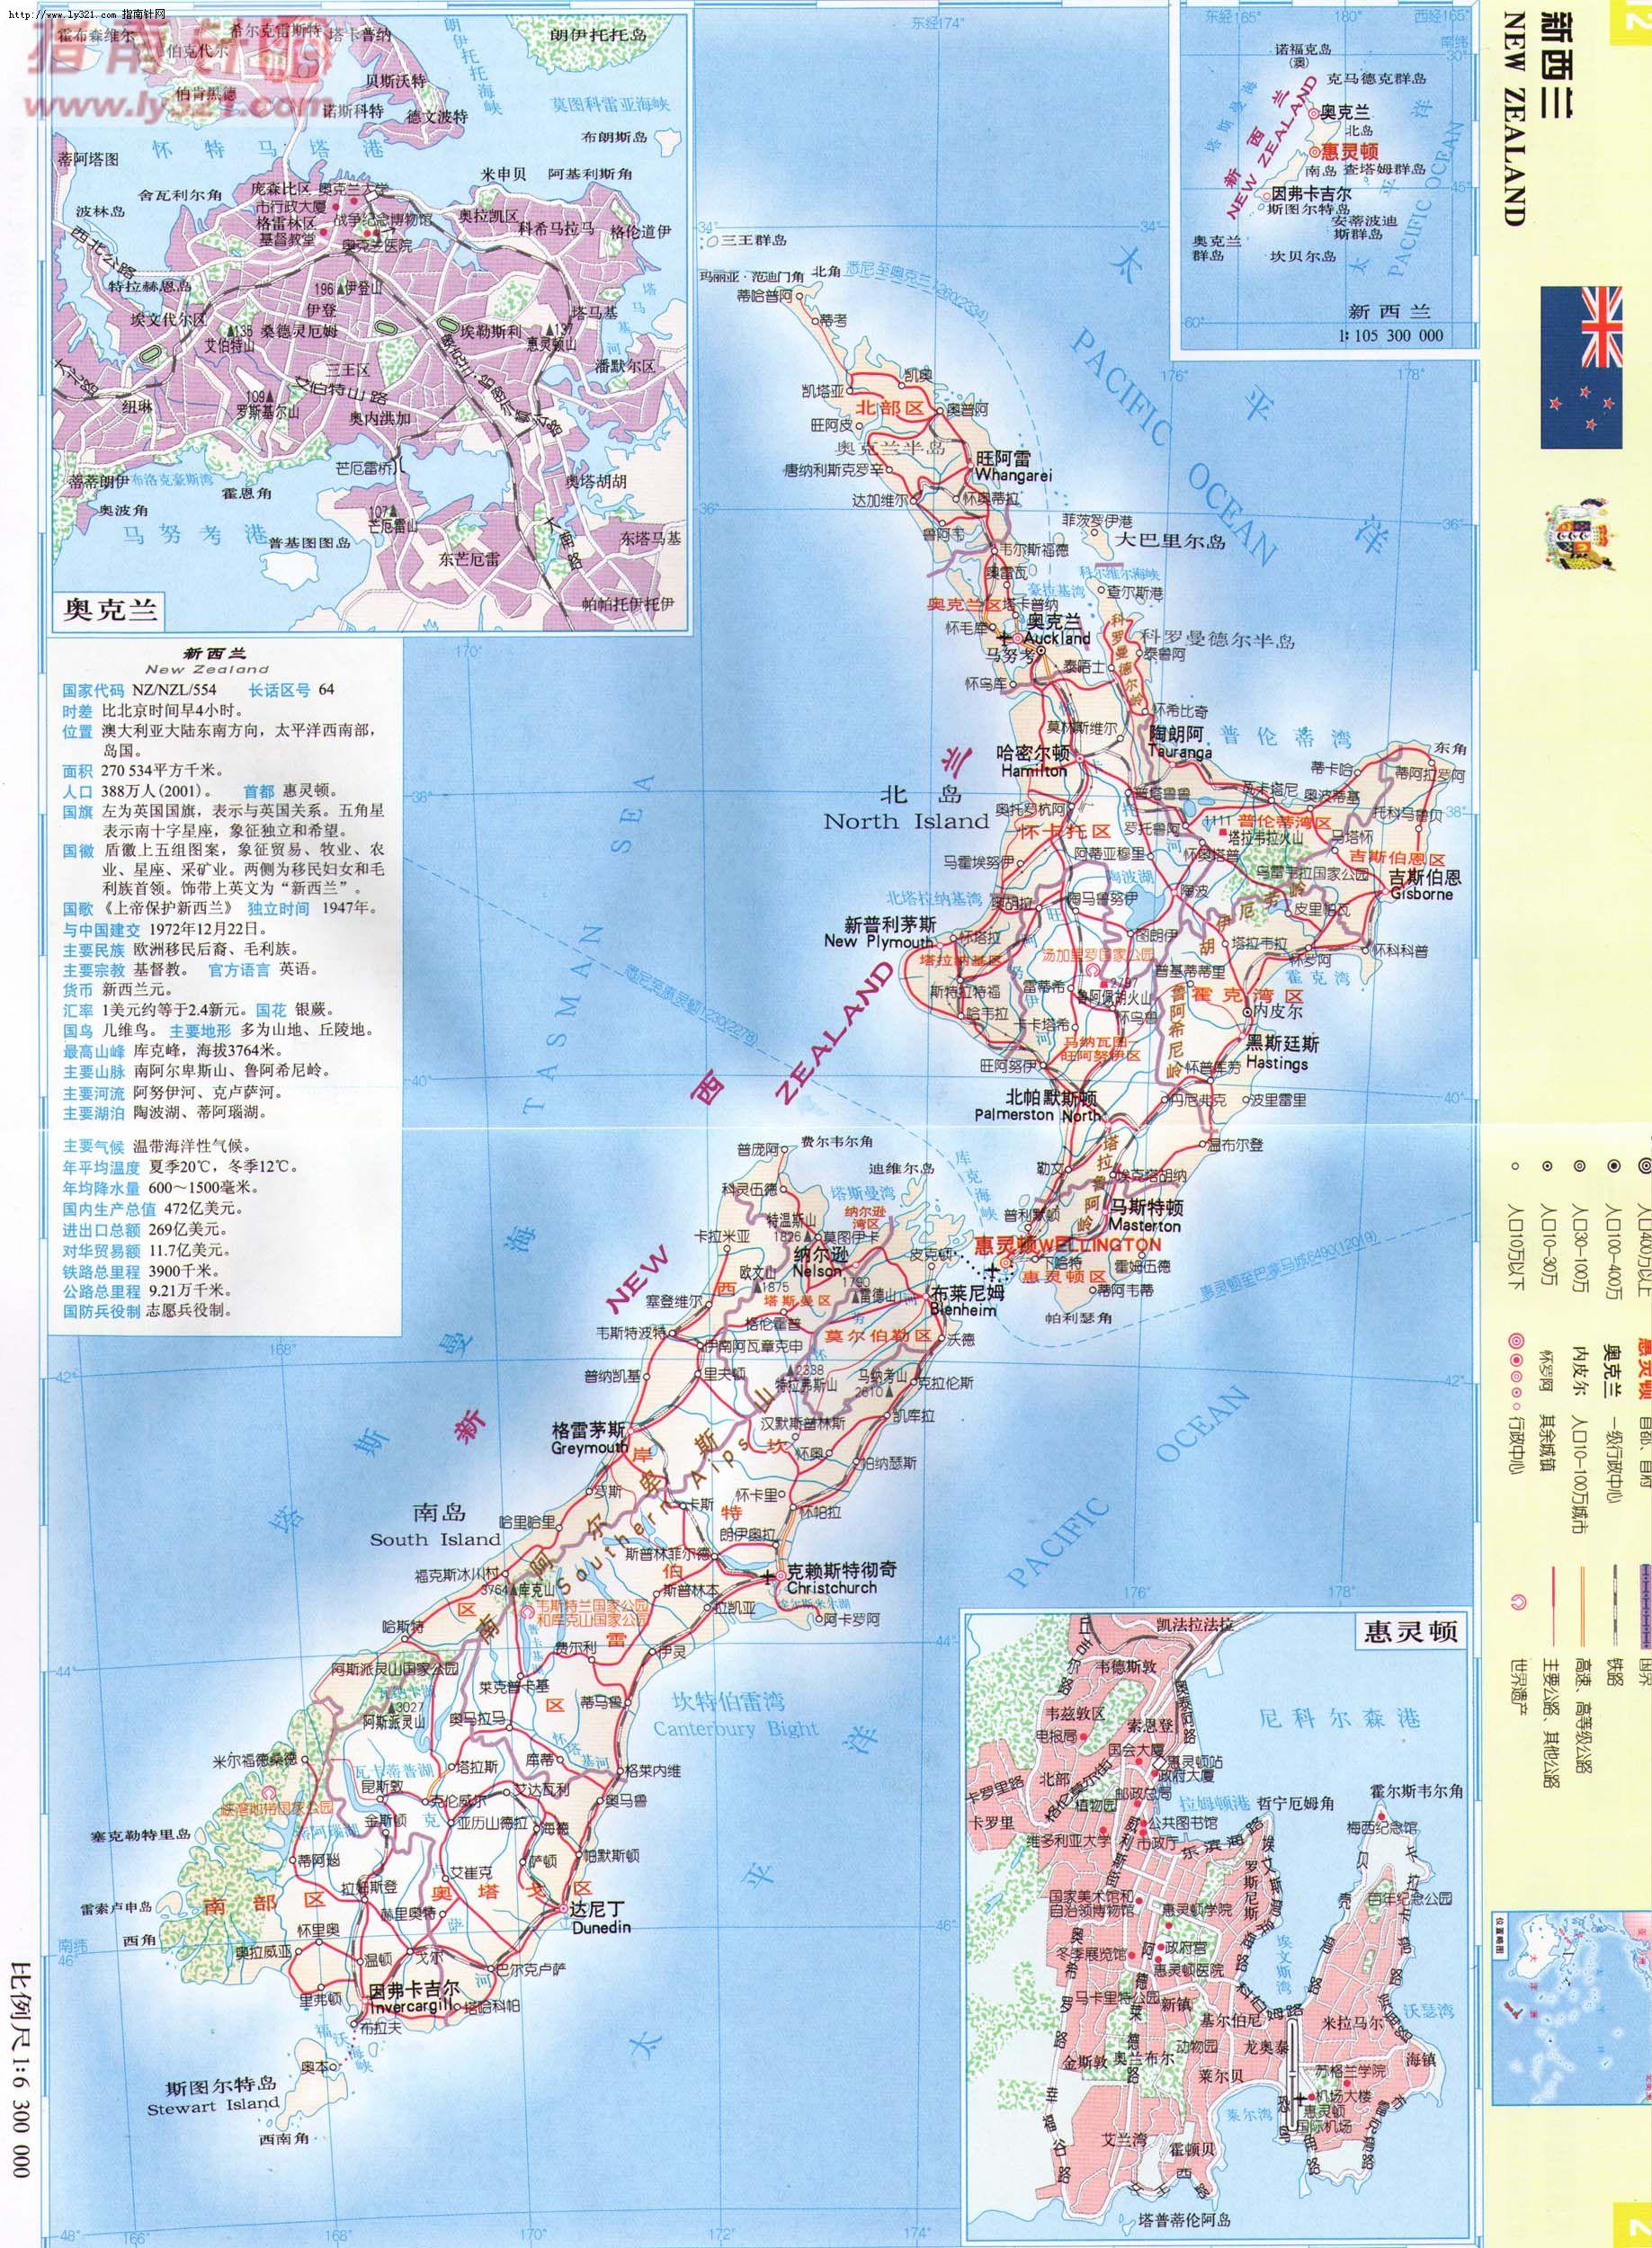 新西兰地图_大洋洲旅游景点地图查询